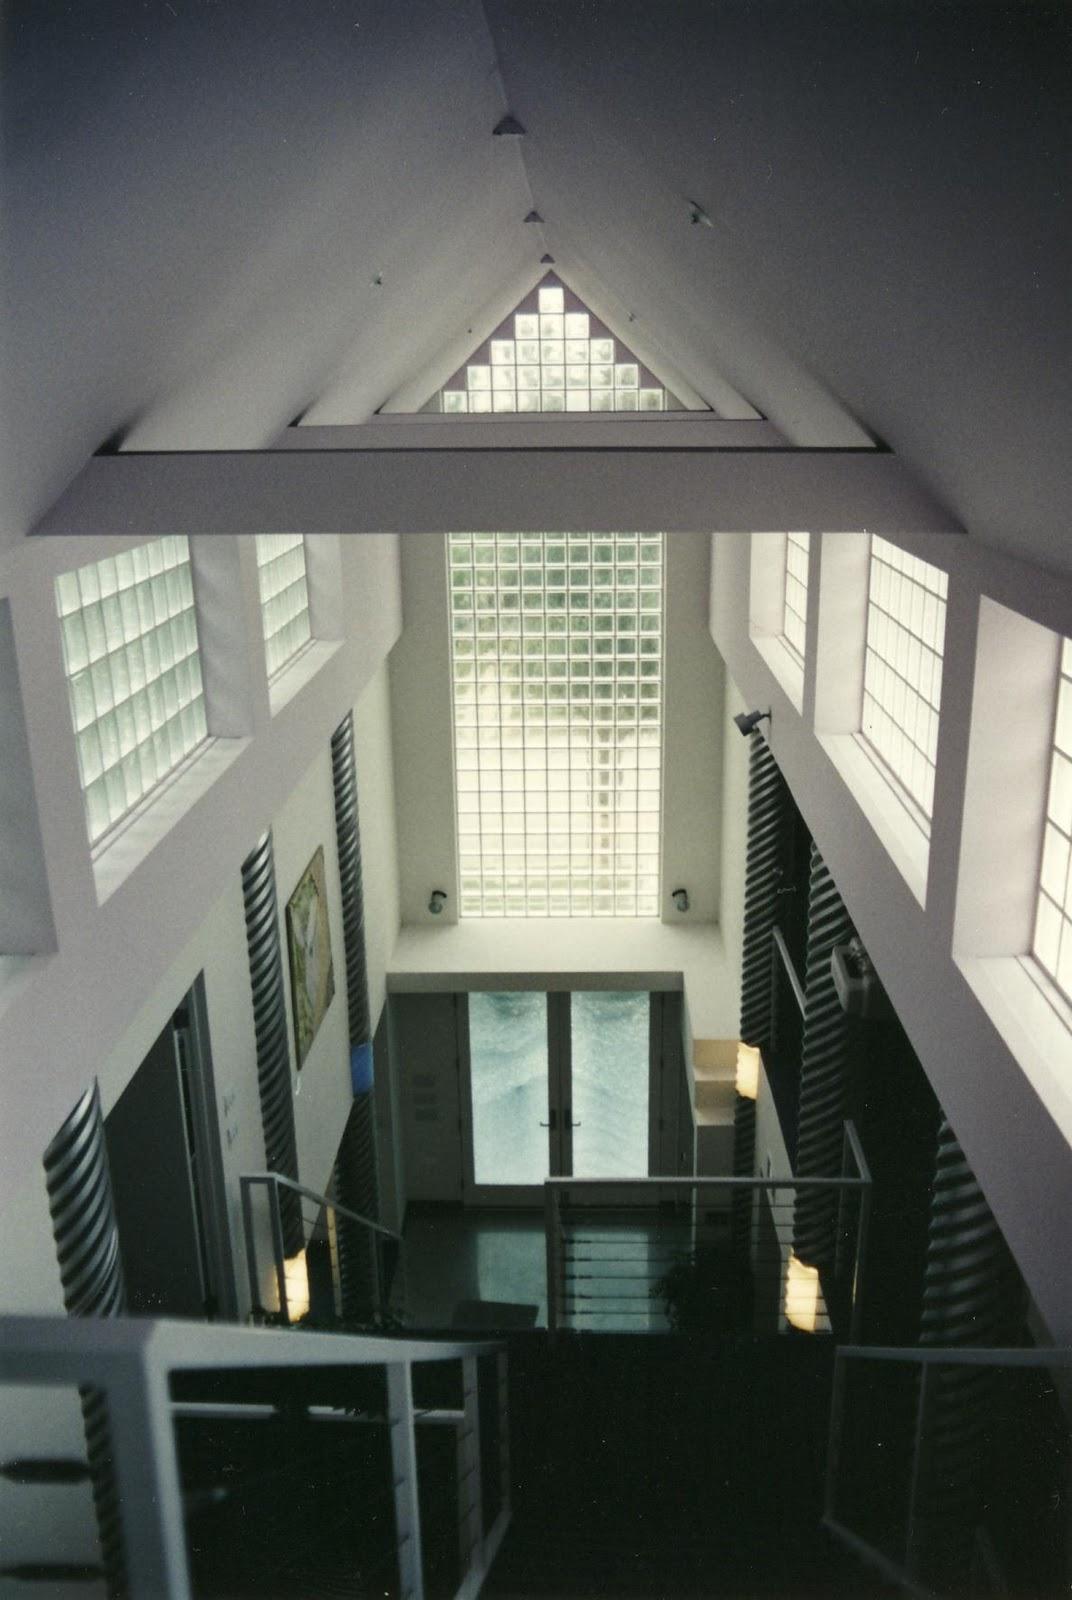 http://3.bp.blogspot.com/-H8tPYR6-oVc/ToNjKdH2H7I/AAAAAAAAAH8/wiD3K68GK6w/s1600/Allegria+Contemporary++5.JPG